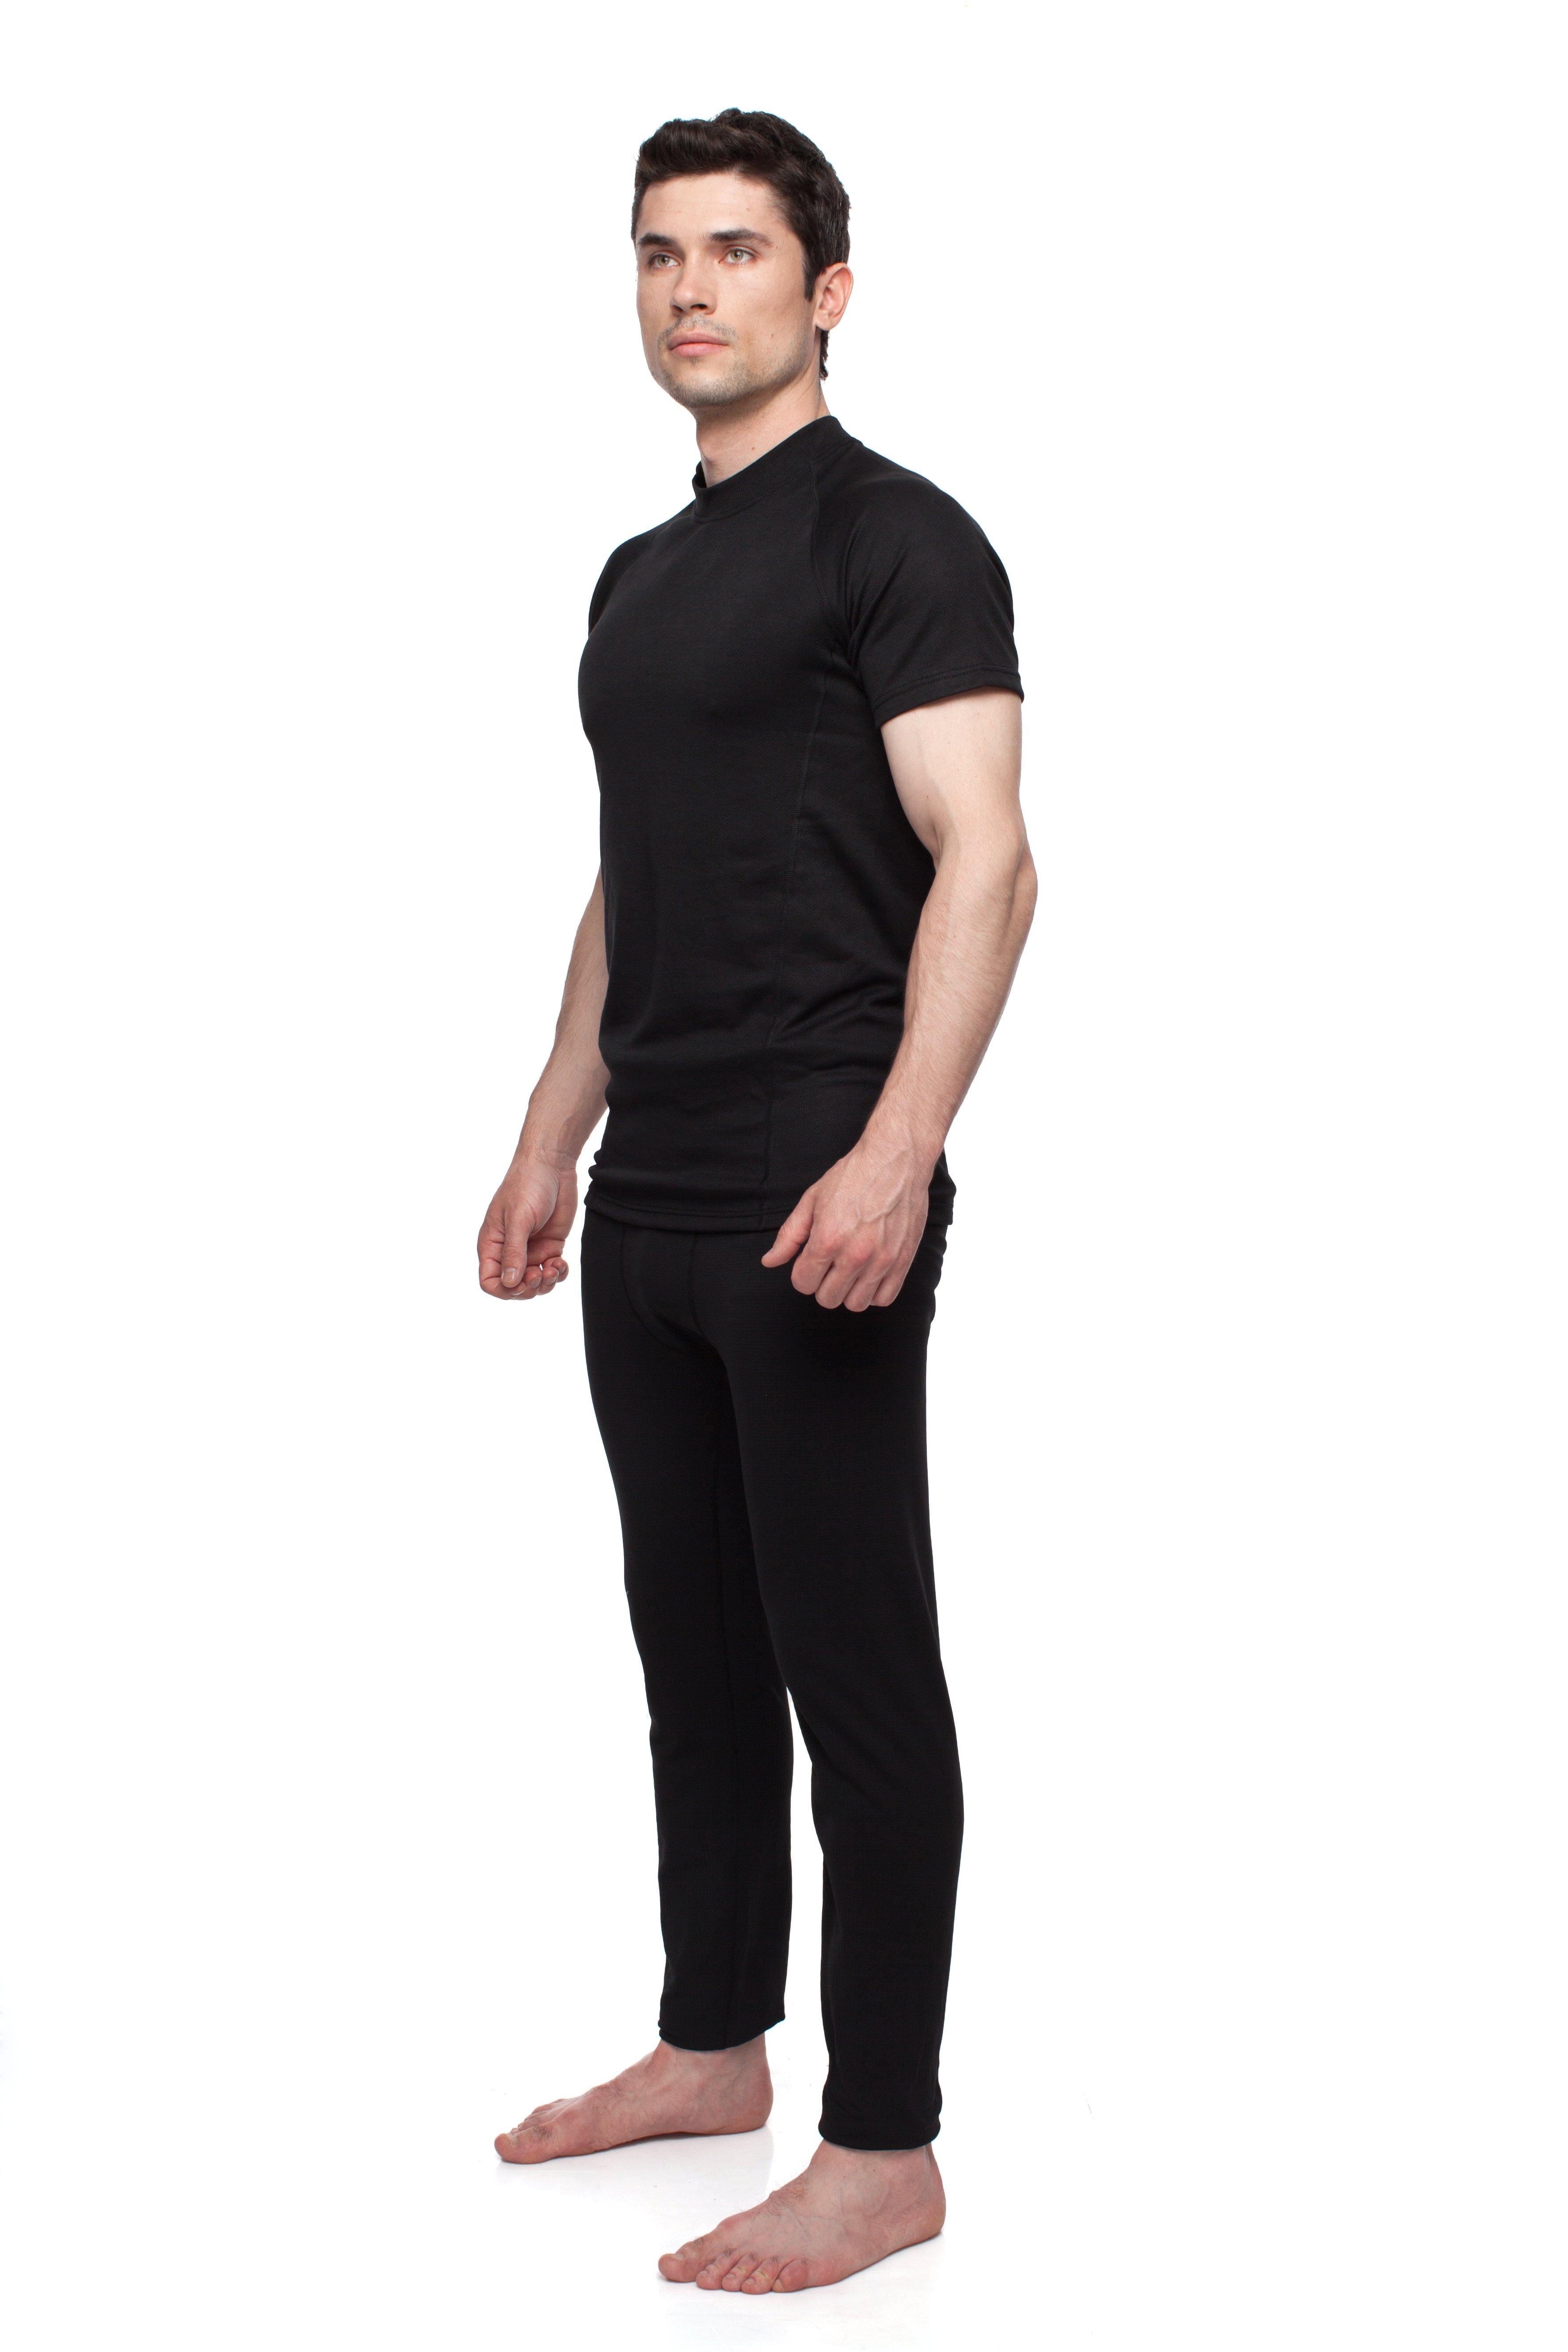 Футболка BASK BALANCE U TEE V2 9811aФутболка для мужчин из ткани&amp;nbsp;Polartec® Power Dry, для спорта и всех видов физической активности.&amp;nbsp;Удобный анатомический крой не сковывает движений.<br><br>Вес изделия: 180<br>Воротник: Нет<br>Материал: Polartec® Power Dry®<br>Молнии: Нет<br>Плотность ткани: 183<br>Пол: Муж.<br>Тип шва: плоский<br>Функциональная задняя молния: Нет<br>Размер INT: L<br>Цвет: ЧЕРНЫЙ